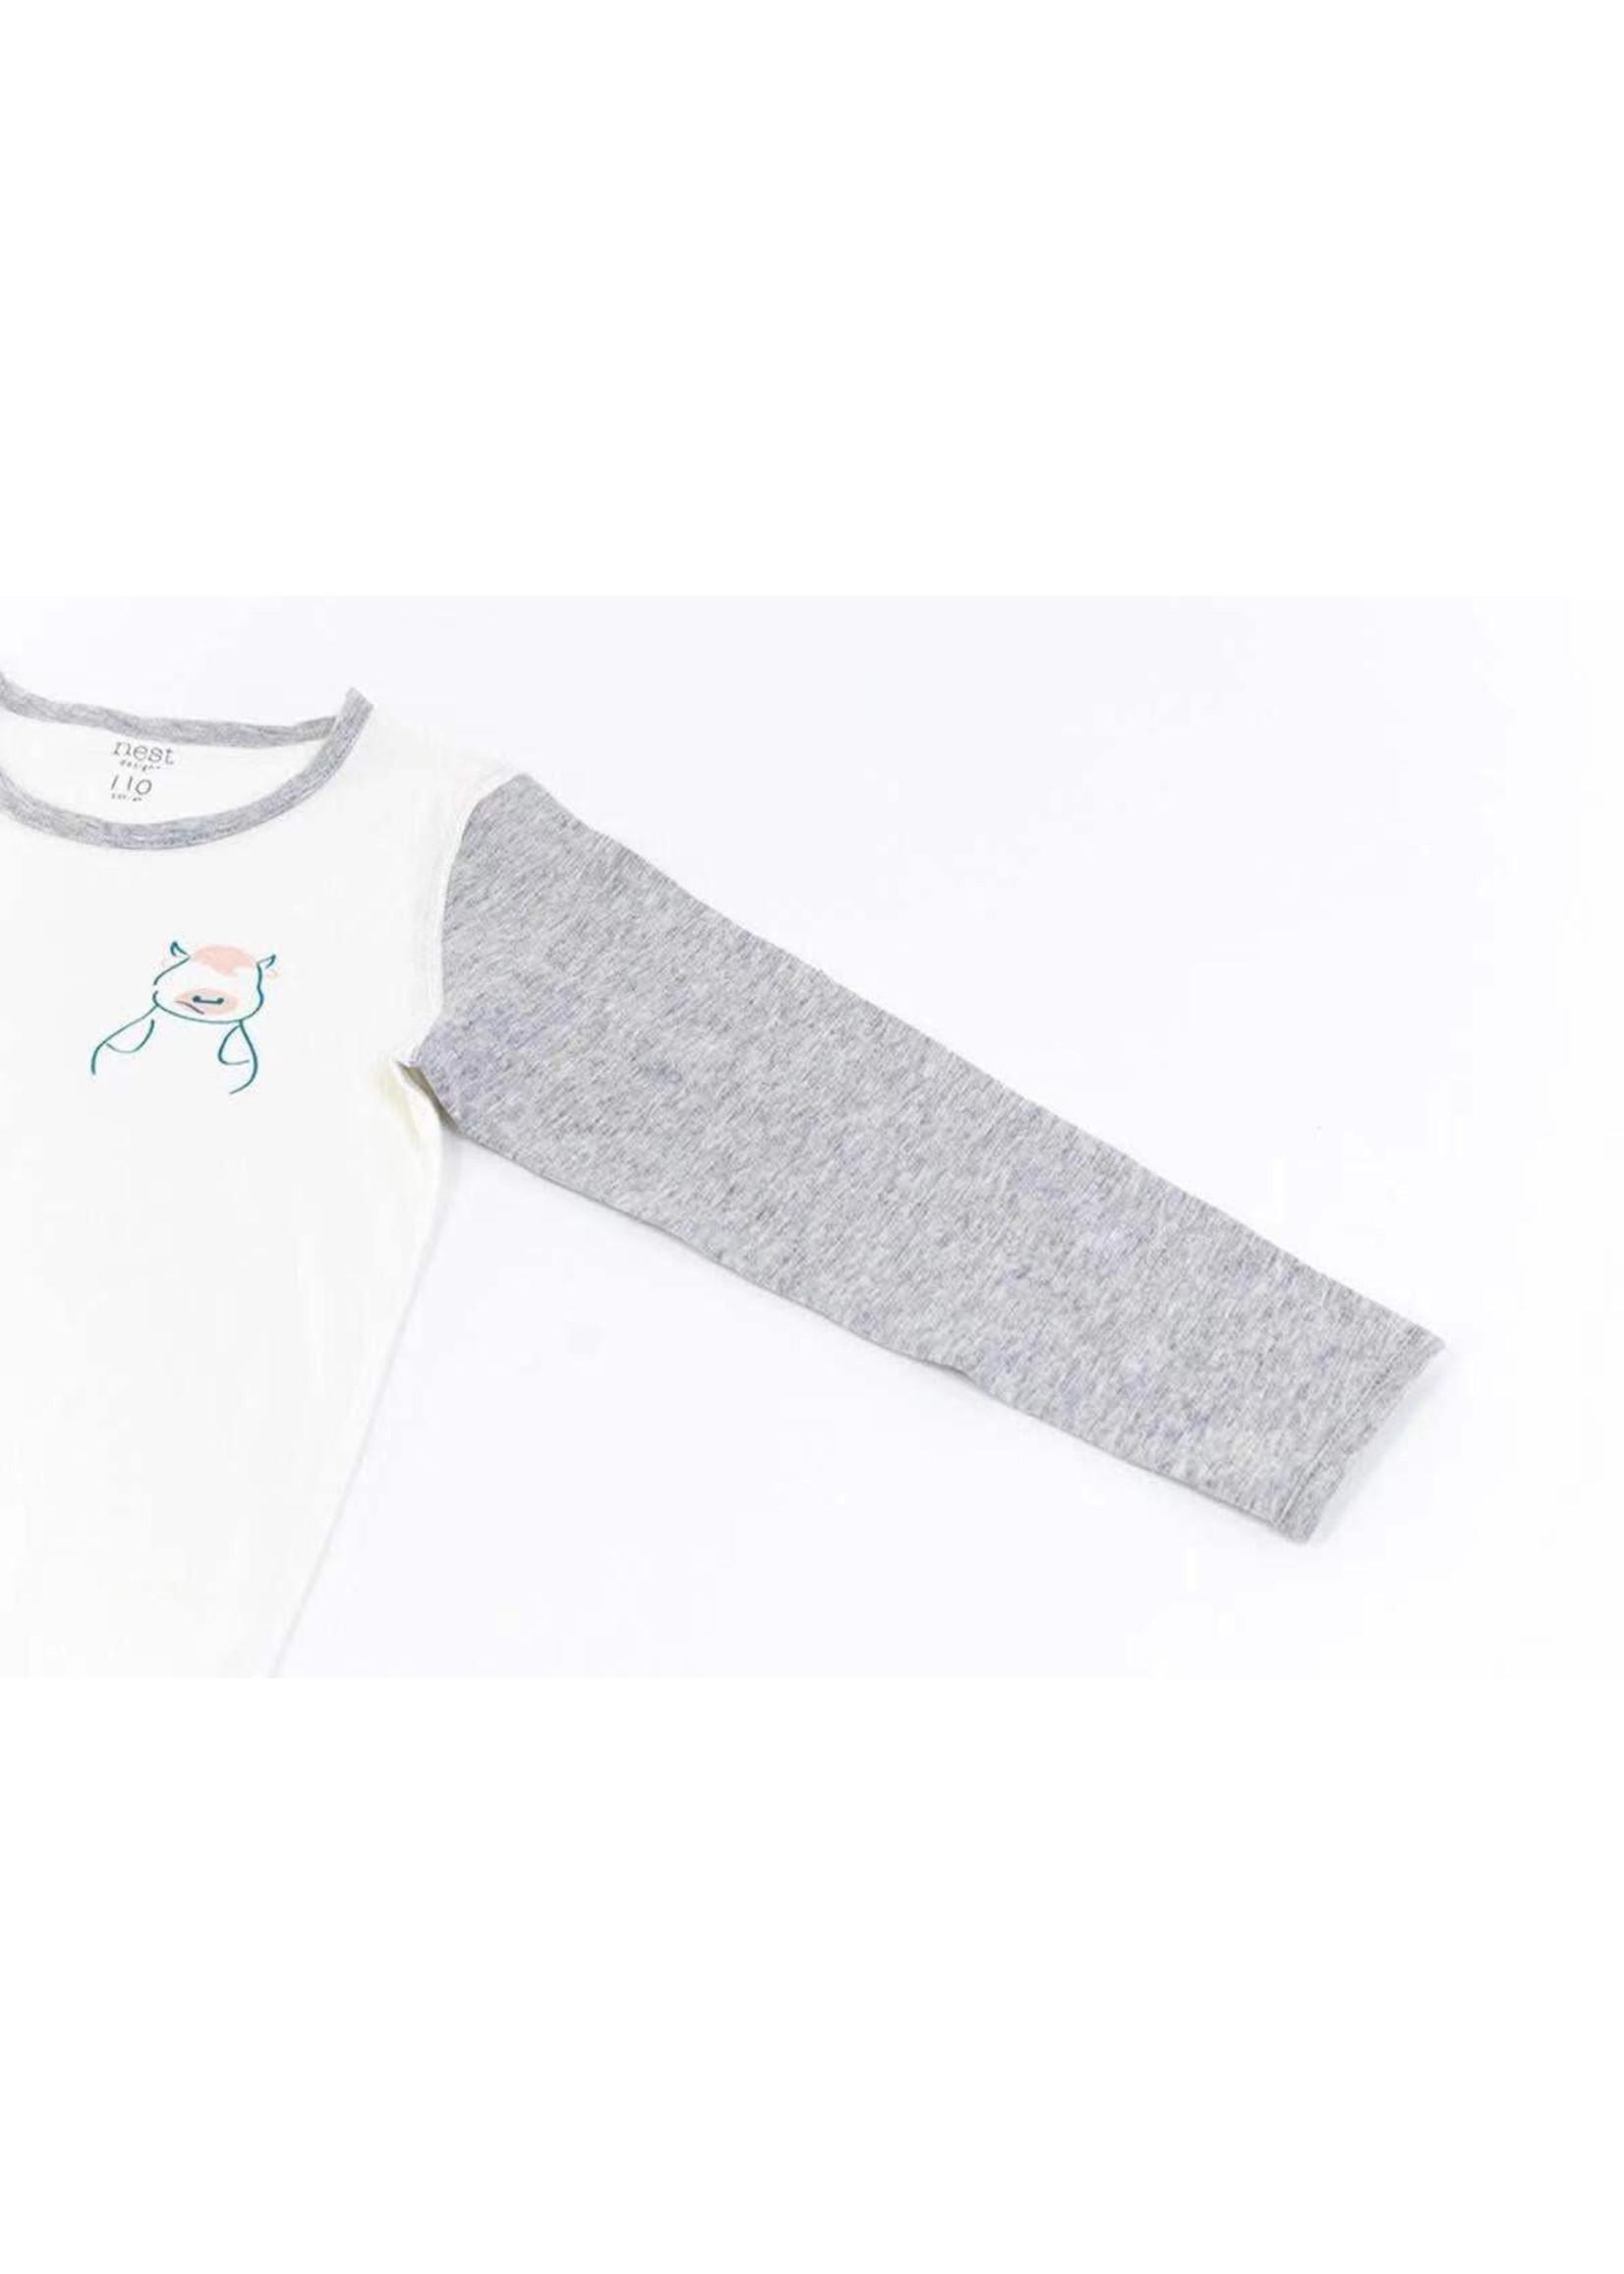 Nest Design ND Pajama (Ox-Standing)